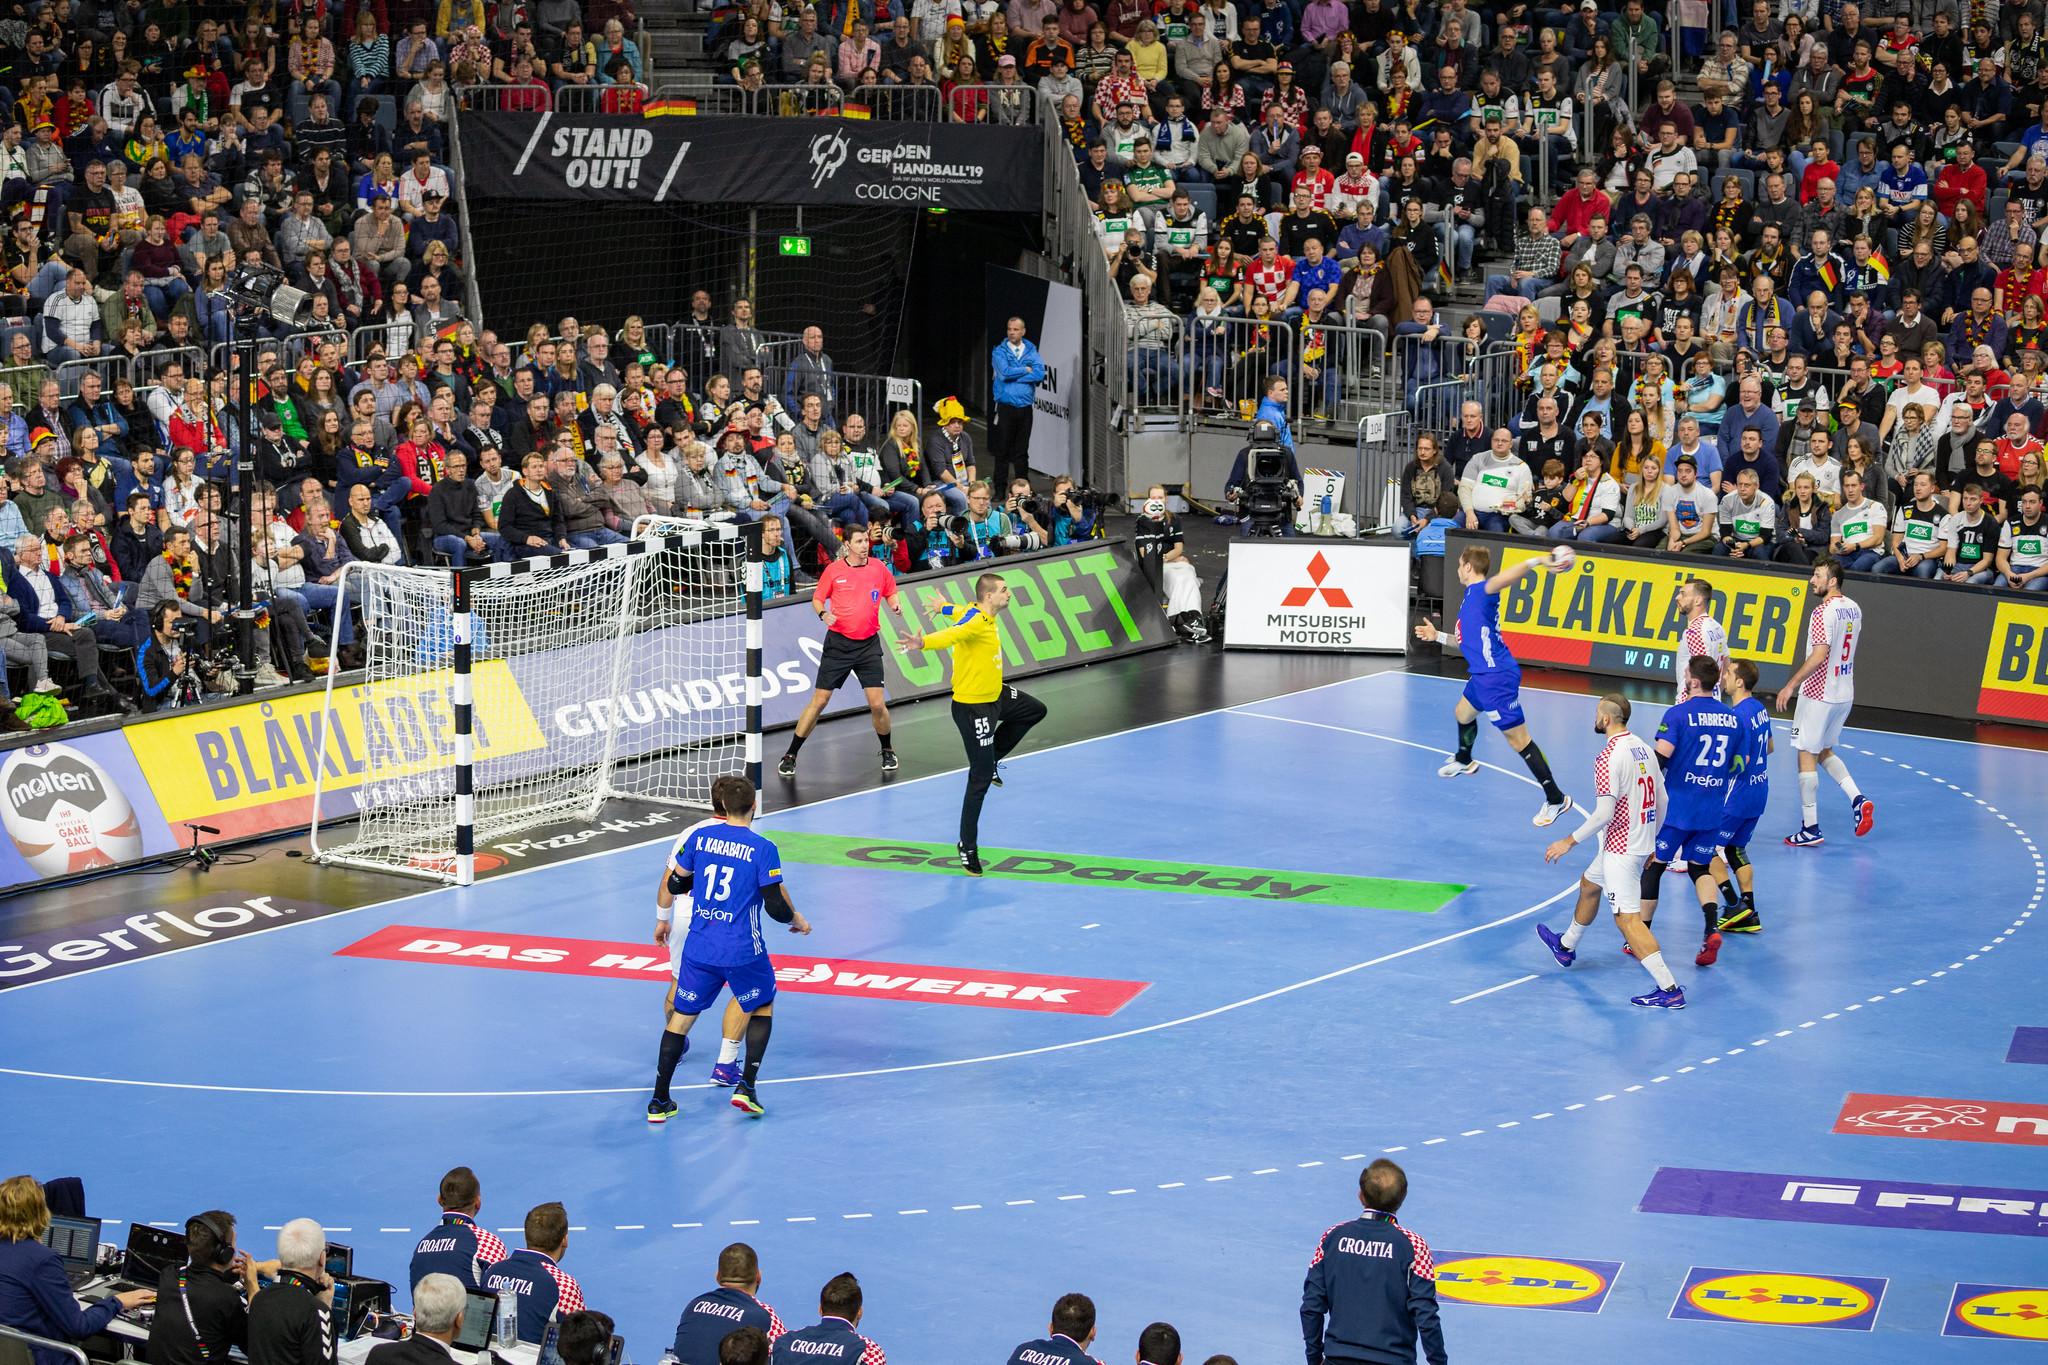 France vs. Croatia in men's team handball, 2019